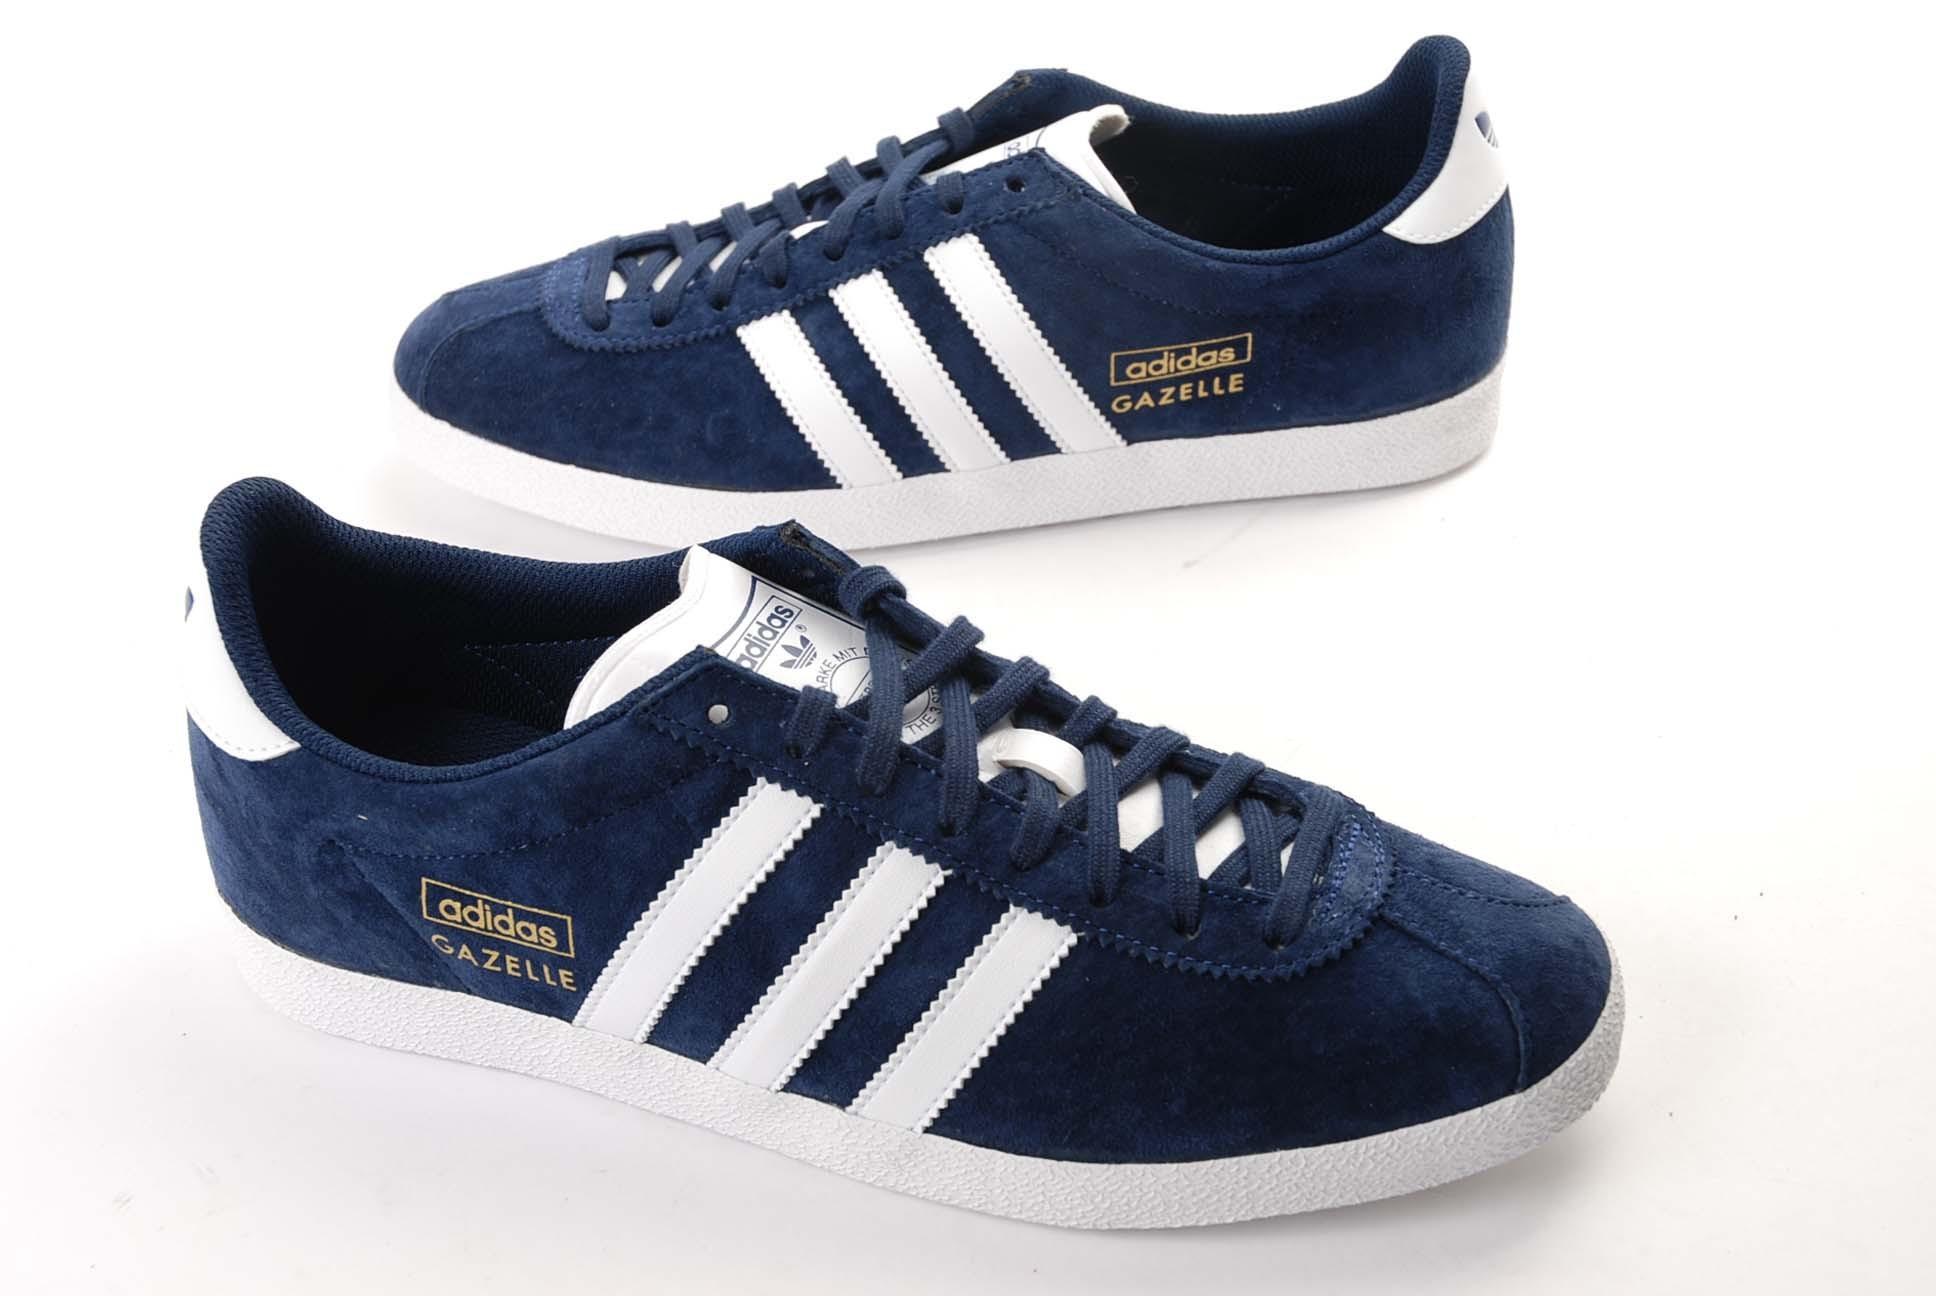 chaussures adidas gazelle femme bleu